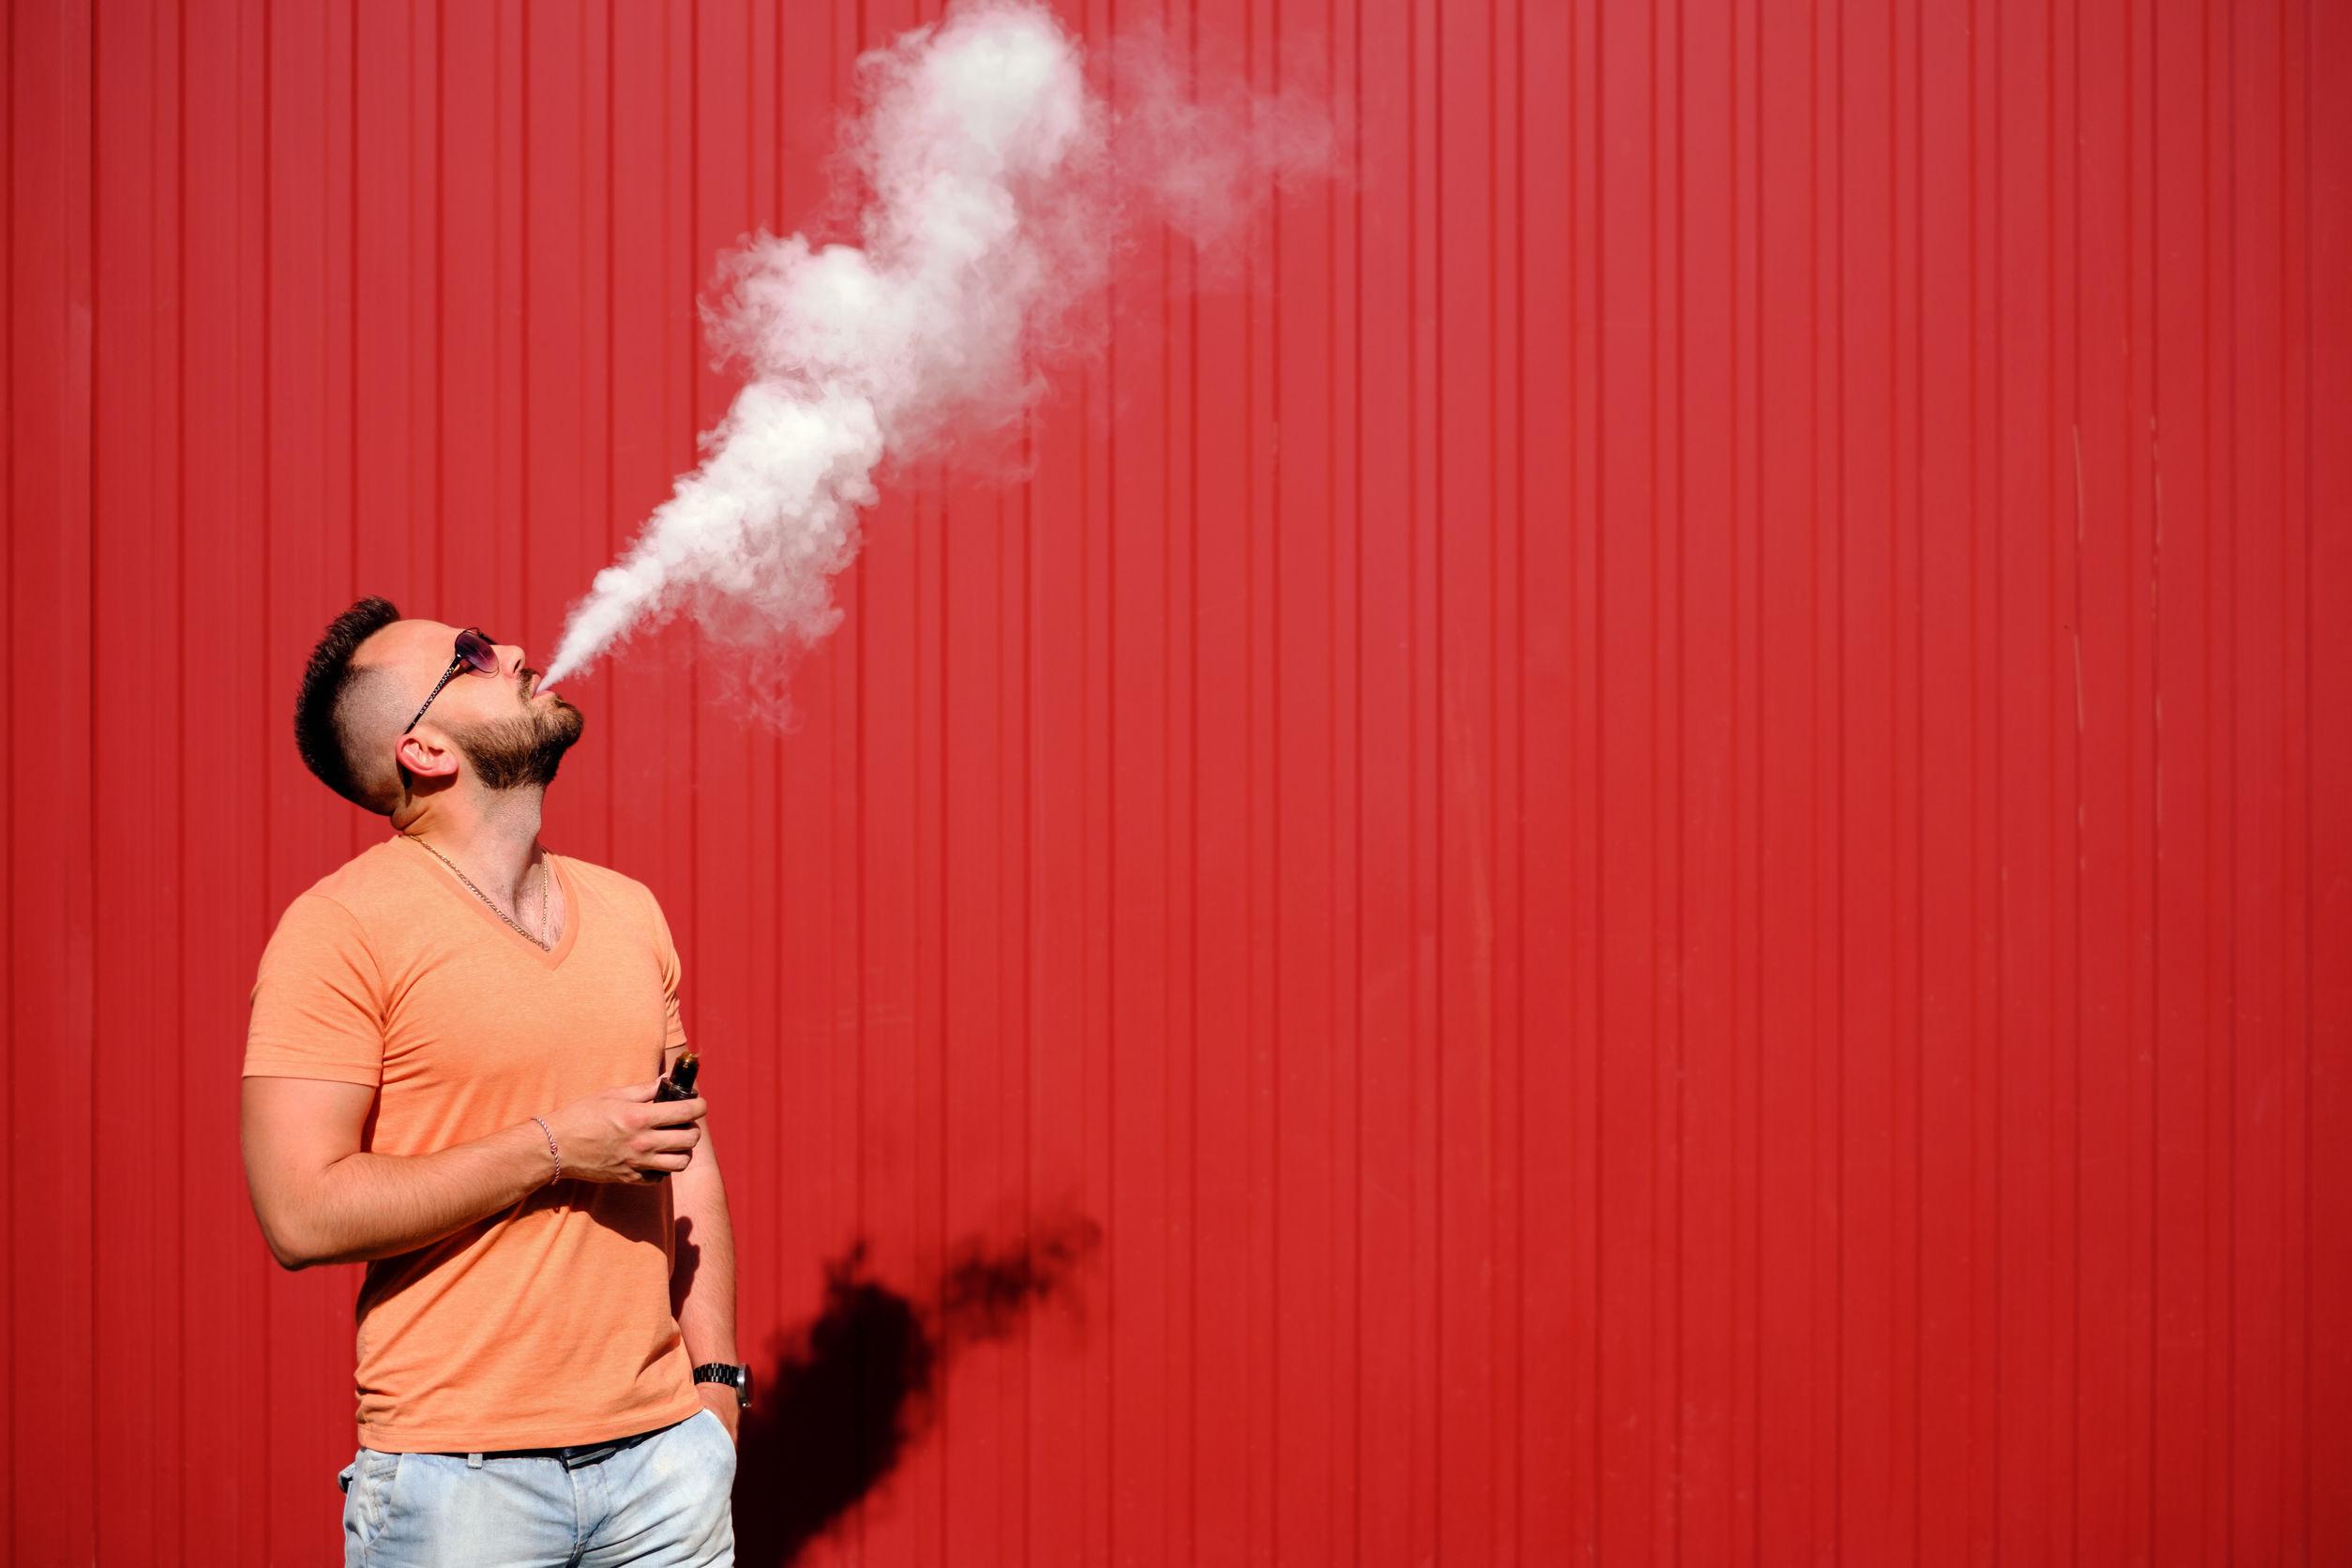 La prevención en el cáncer de pulmón